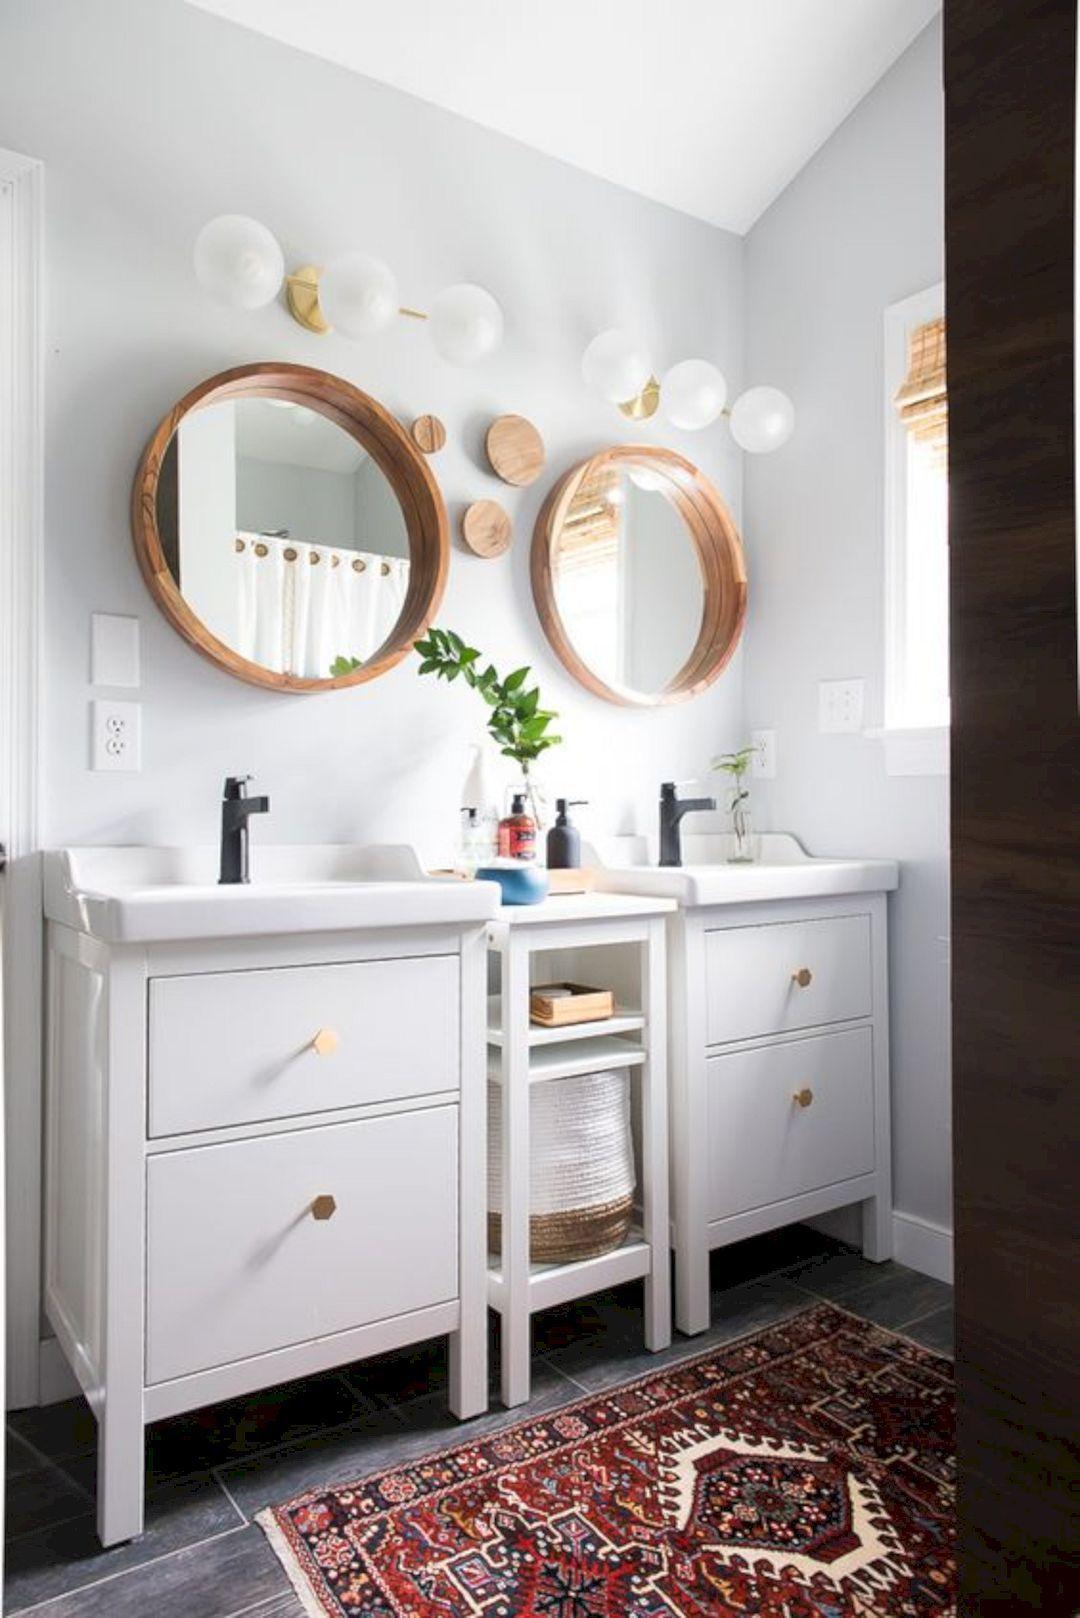 15 inspiring bathroom design ideas with ikea ikea on ikea bathroom vanities id=31808